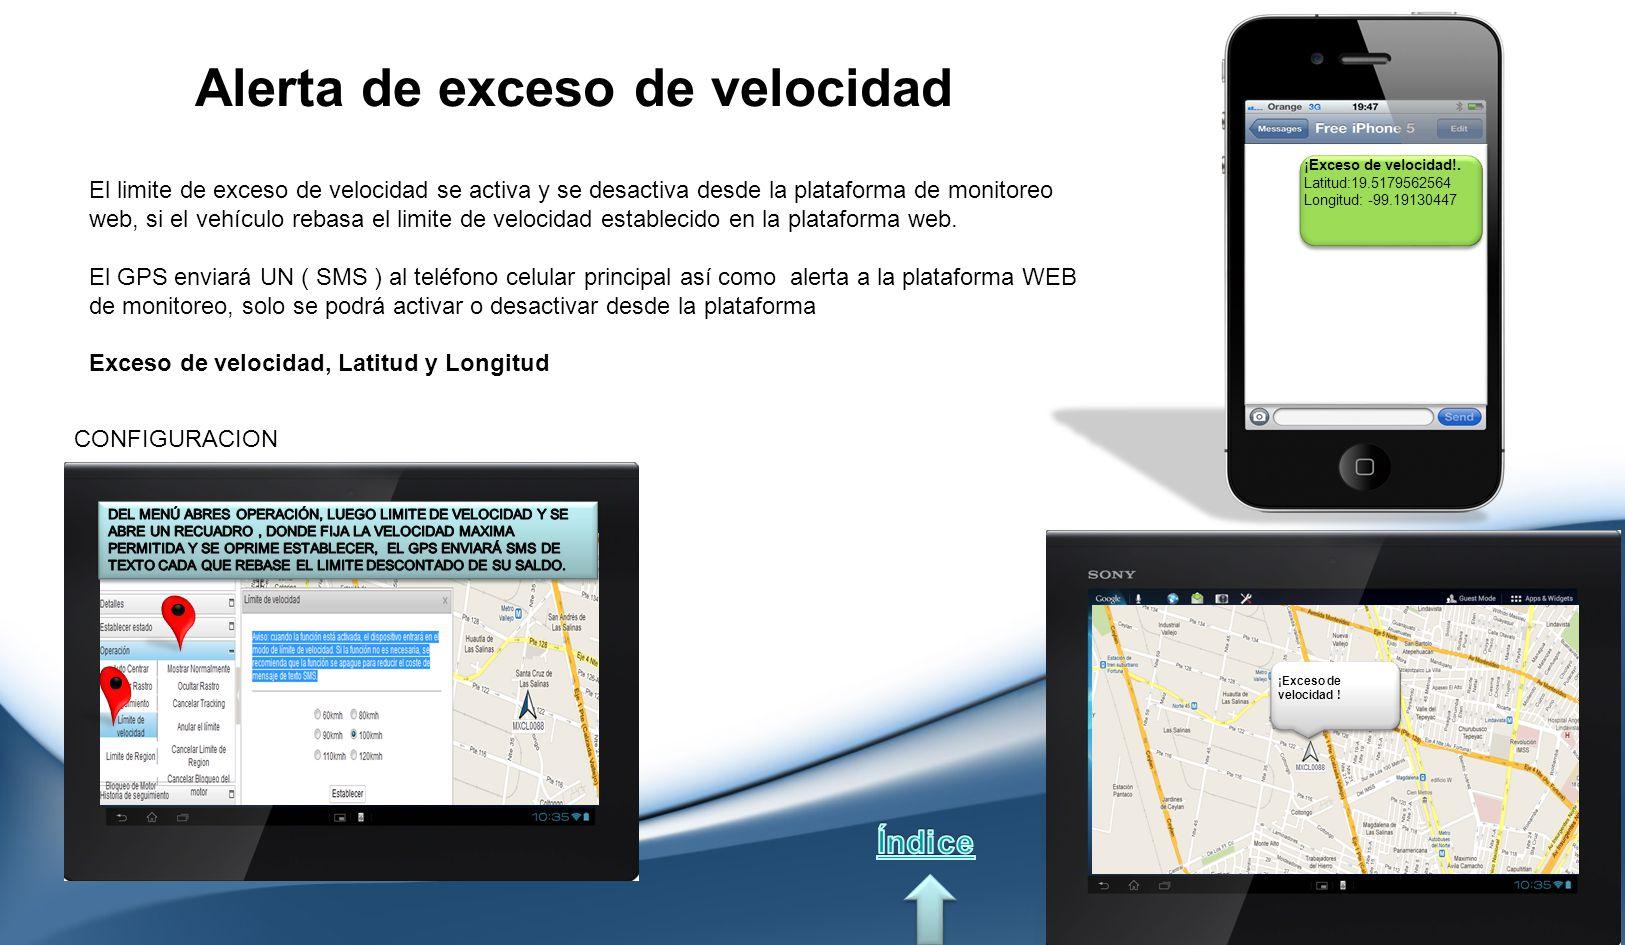 Alerta de exceso de velocidad El limite de exceso de velocidad se activa y se desactiva desde la plataforma de monitoreo web, si el vehículo rebasa el limite de velocidad establecido en la plataforma web.